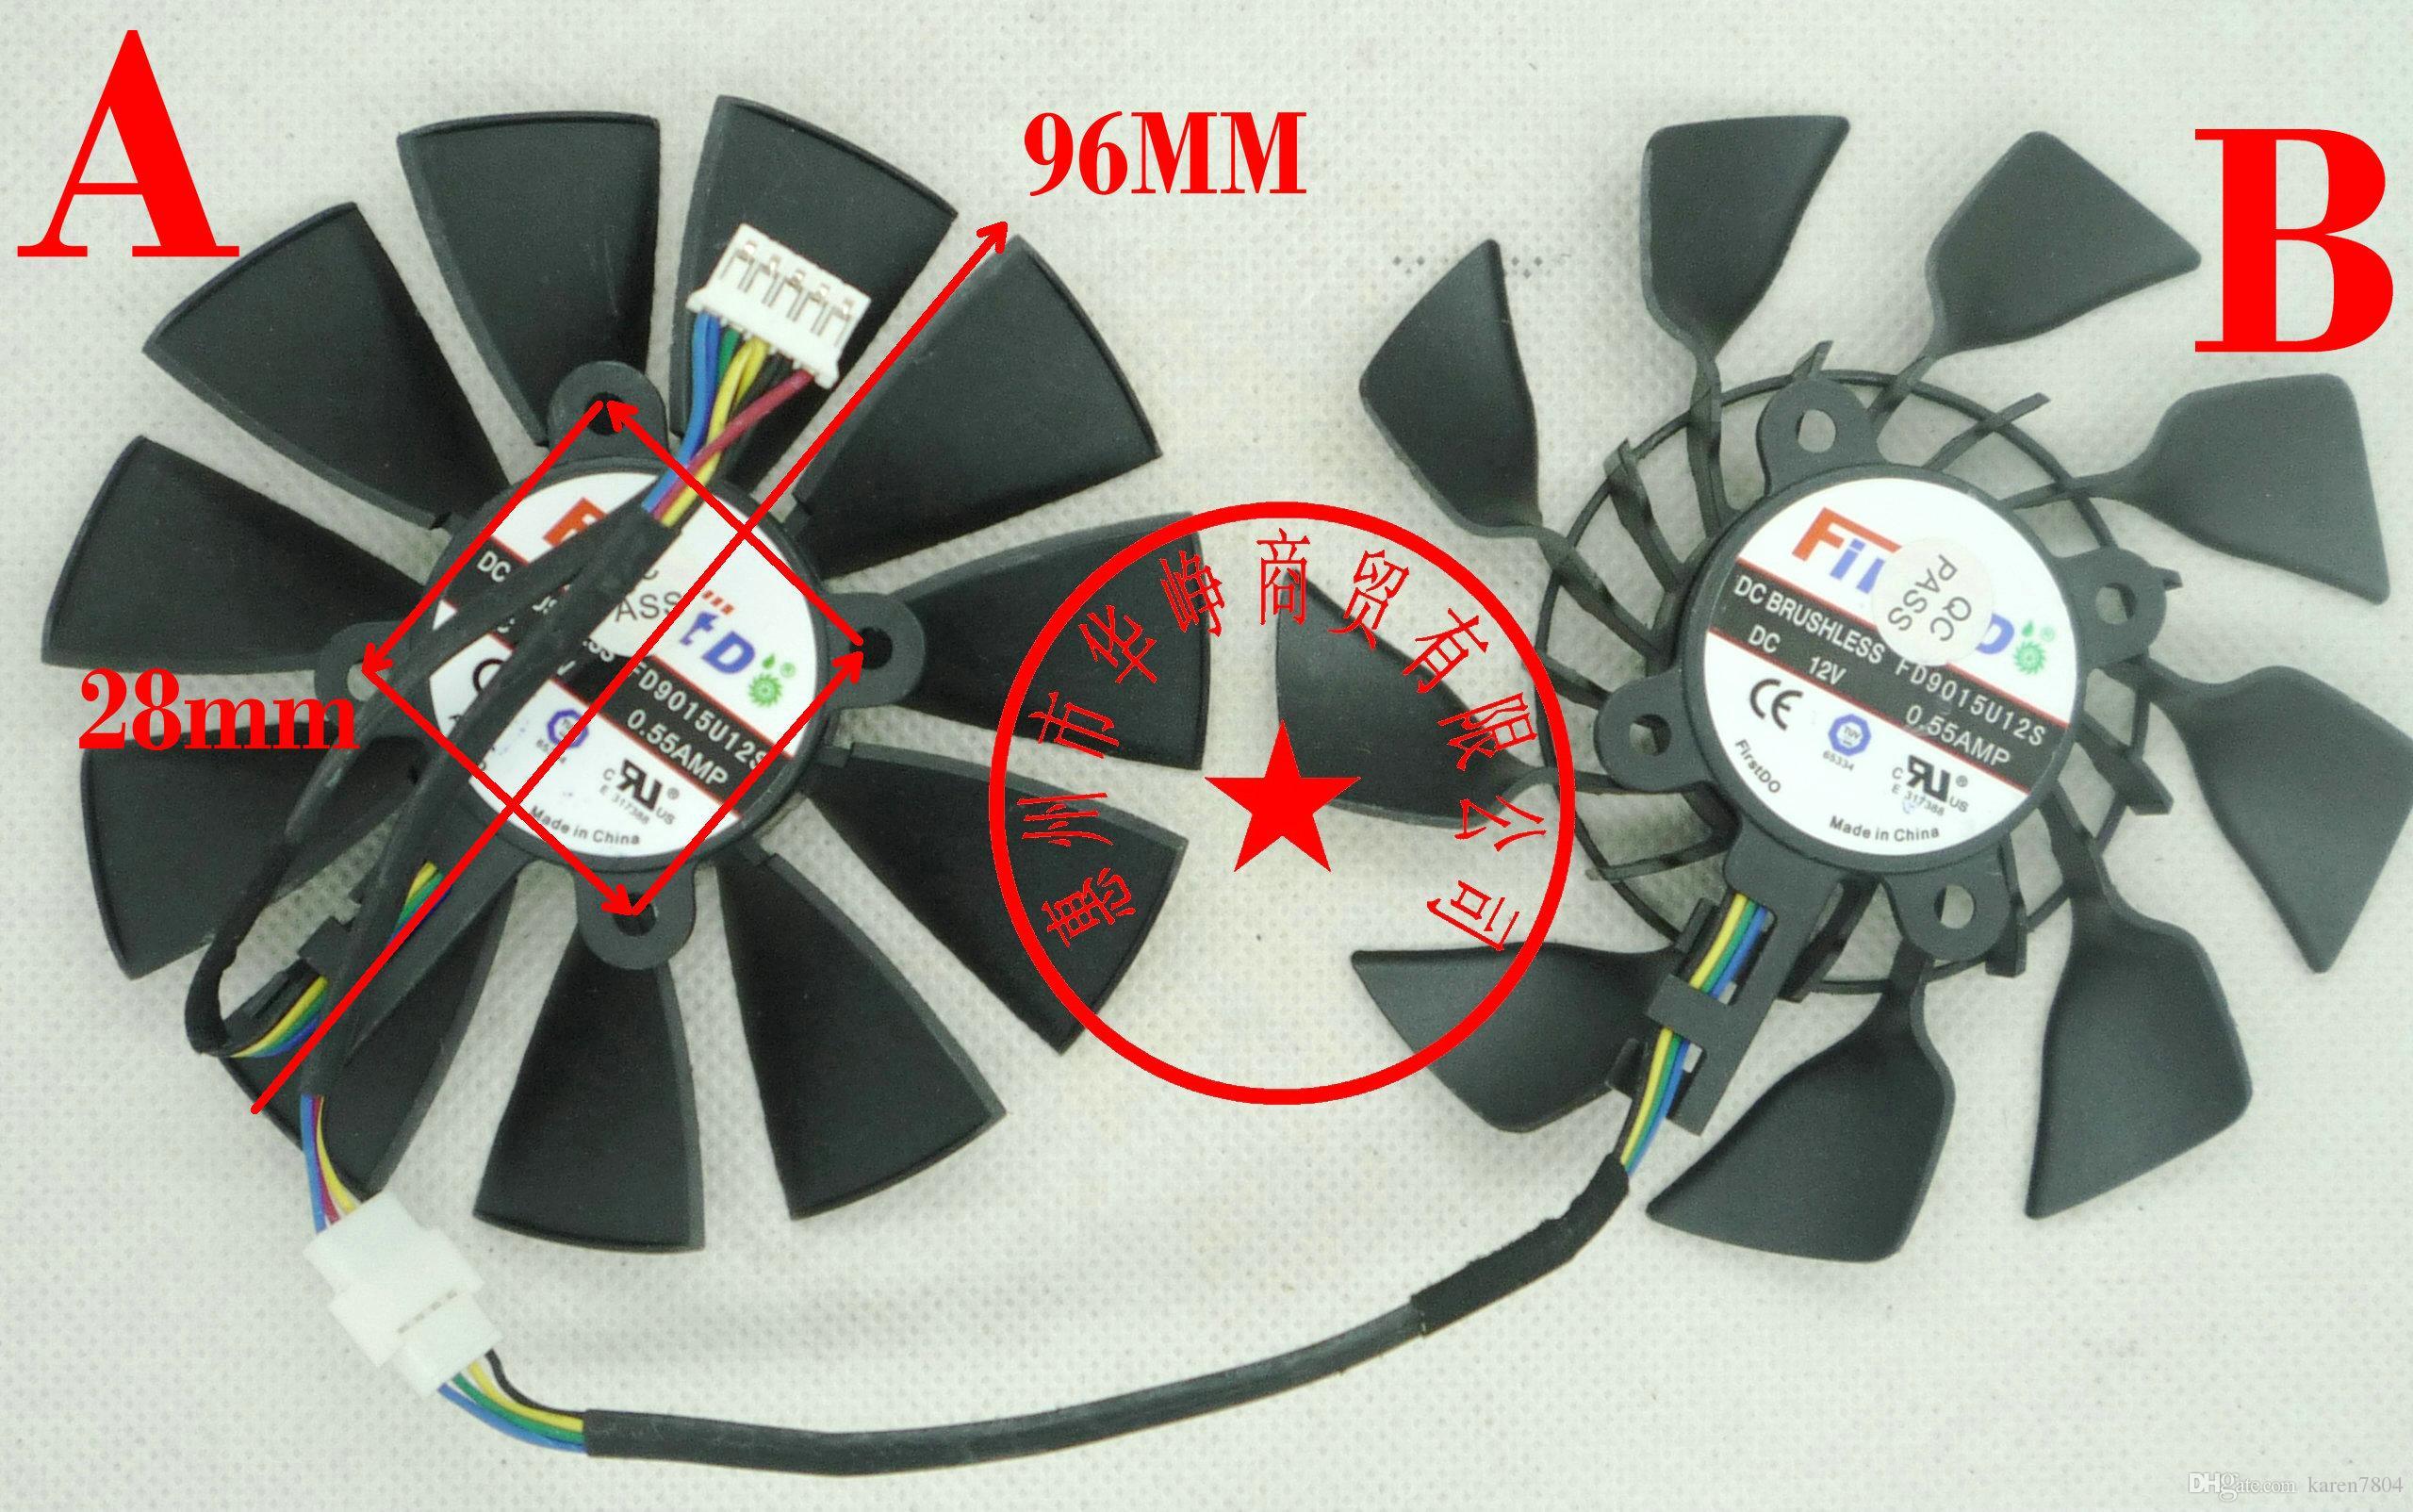 ASUS GTX780 GTX780TI R9 280X / 290X T129215SU FD9015U12S用オリジナルパラディングラフィックカードファン